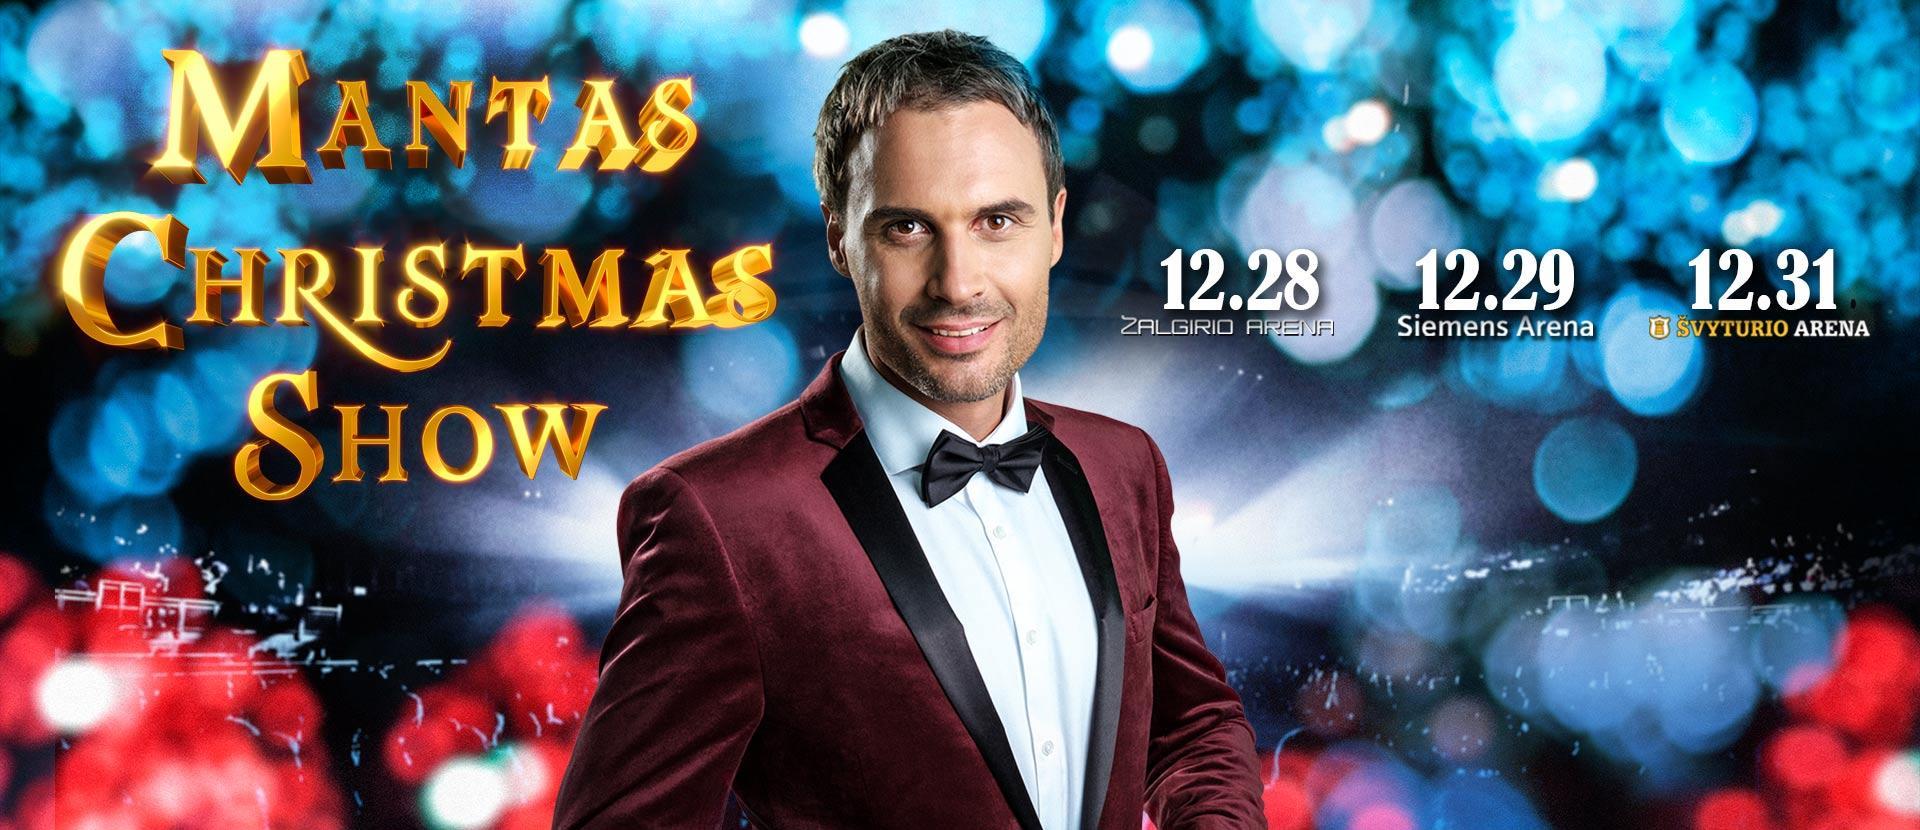 Mantas Christmas Show